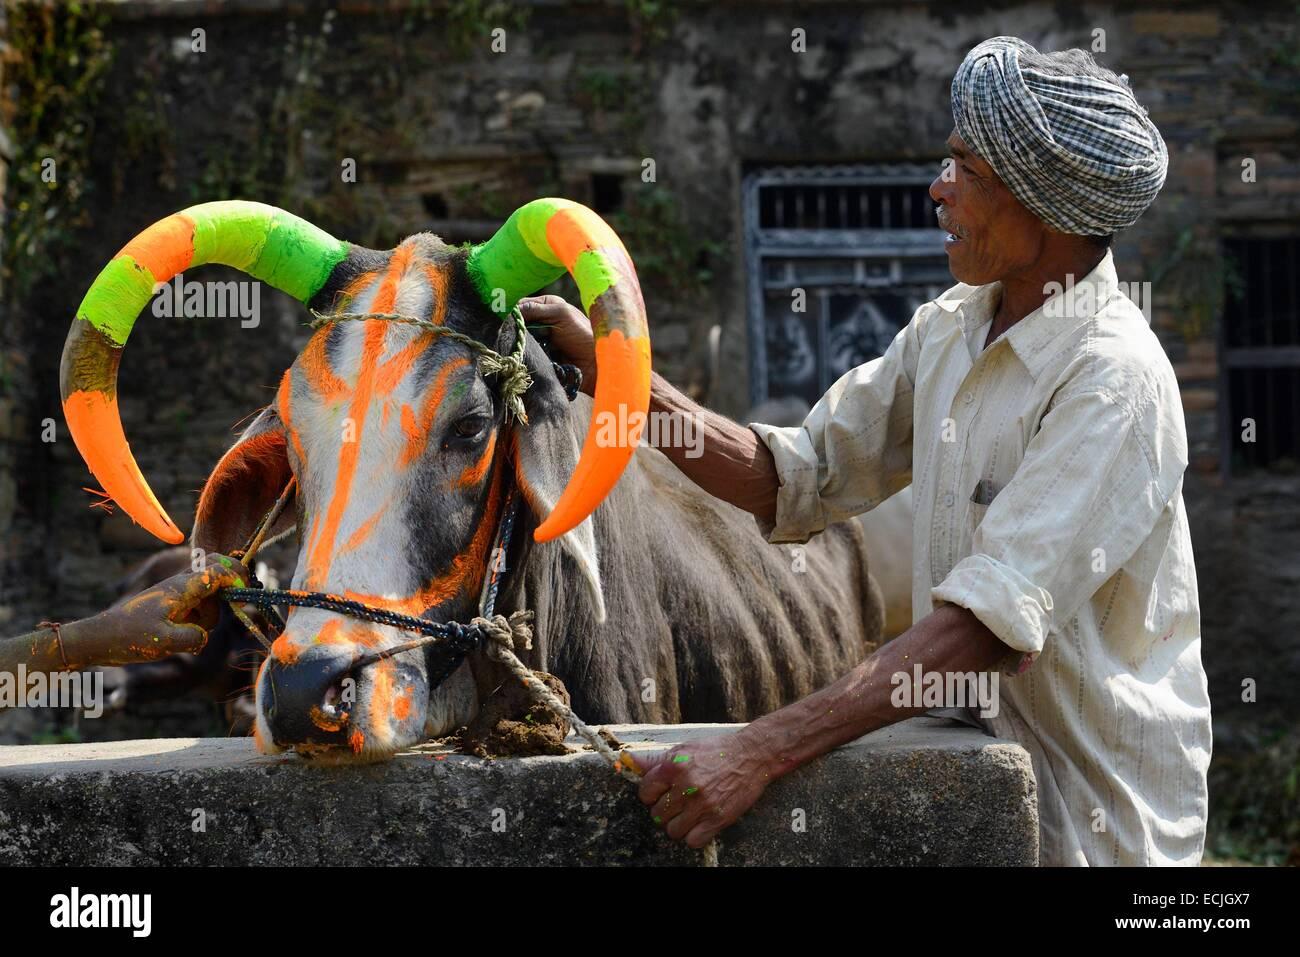 L'Inde, Rajasthan, Udaipur région, Diwali, le festival de peinture les agriculteurs les cornes d'une Photo Stock